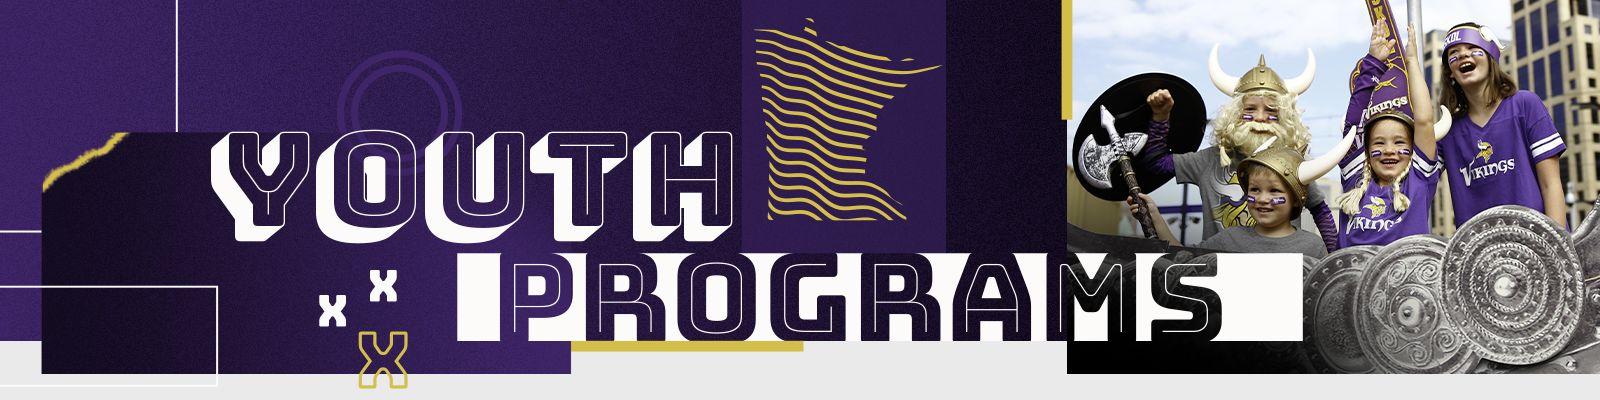 YouthPrograms_Header_1600x400